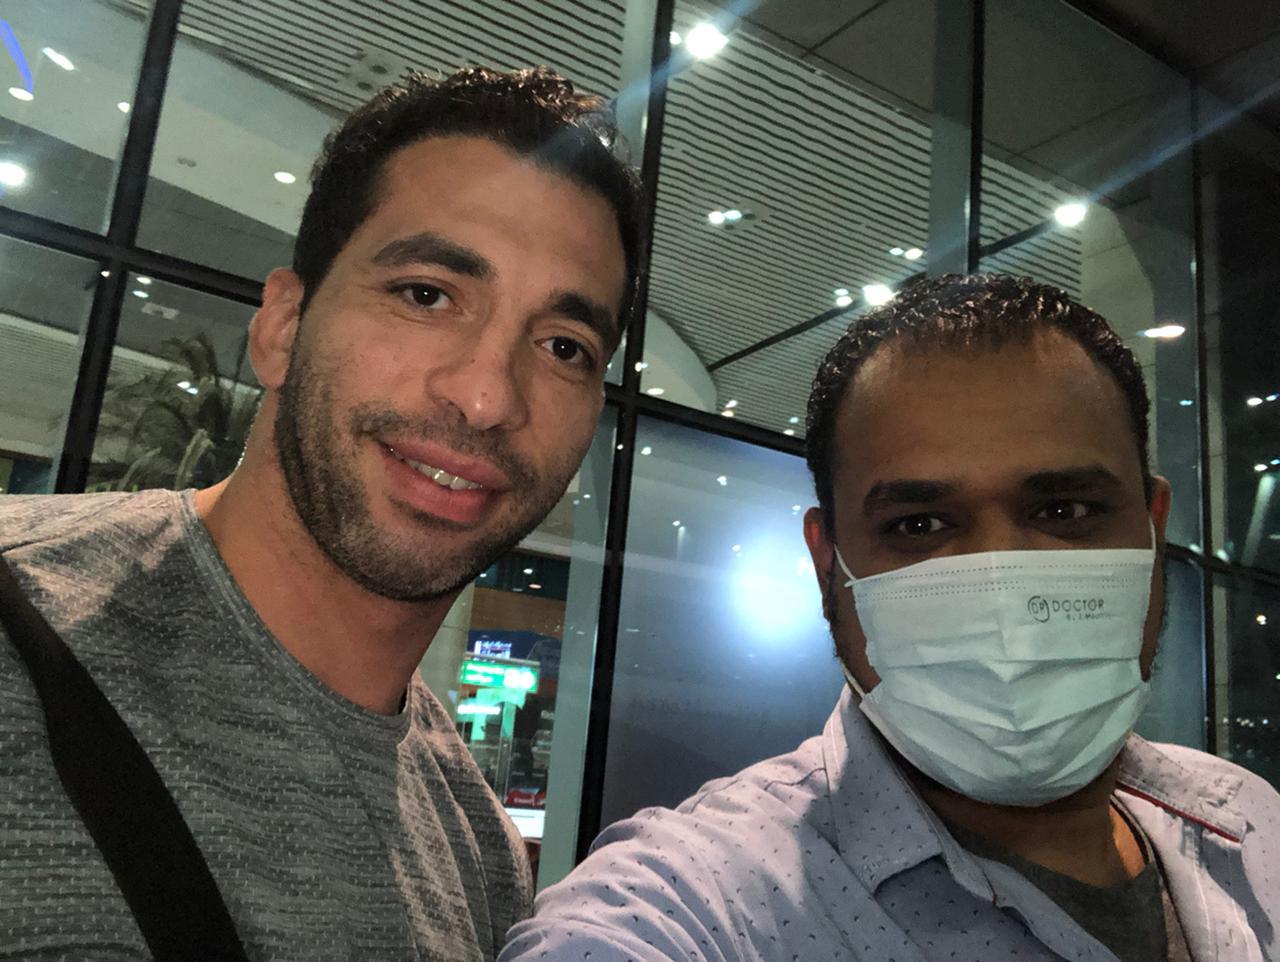 بعثة الزمالك لكرة اليد تصل القاهرة بعد انتهاء مشوارها ببطولة العالم للأندية  (2)